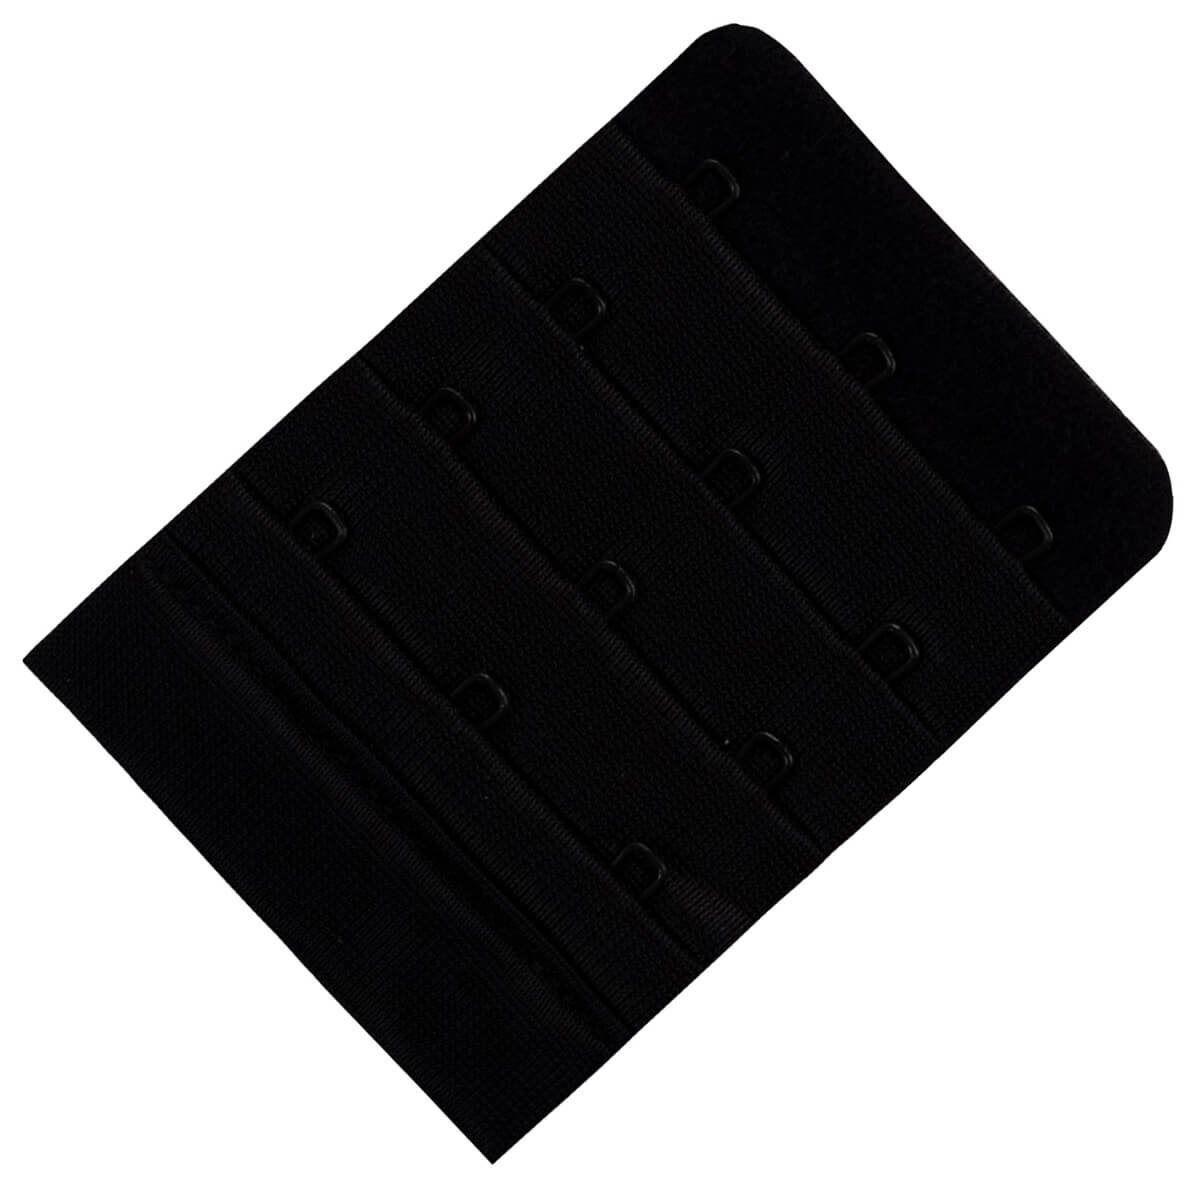 Miss Perfect BH-Verlängerung »W2G50500-38«, mit 1, 2, 3 oder 4 Haken und softer Plüschrückseite, Schwarz